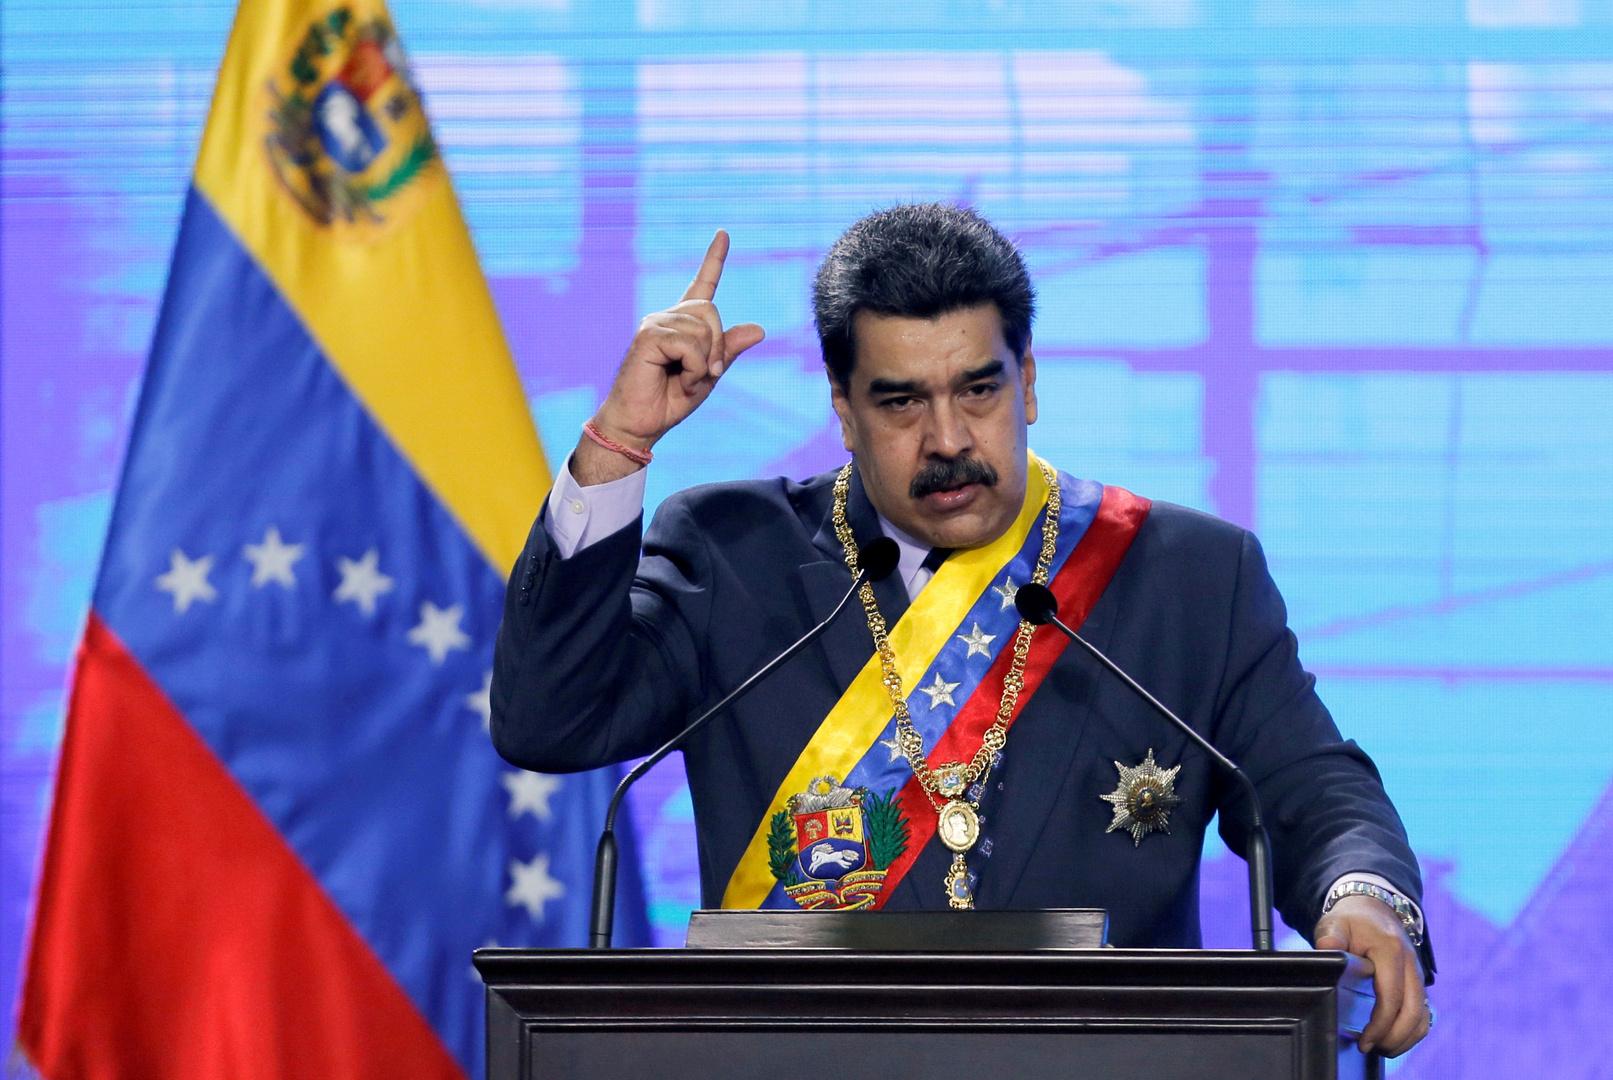 مادورو: الدول الغربية تهاجم اللقاح الروسي بسبب الحسد